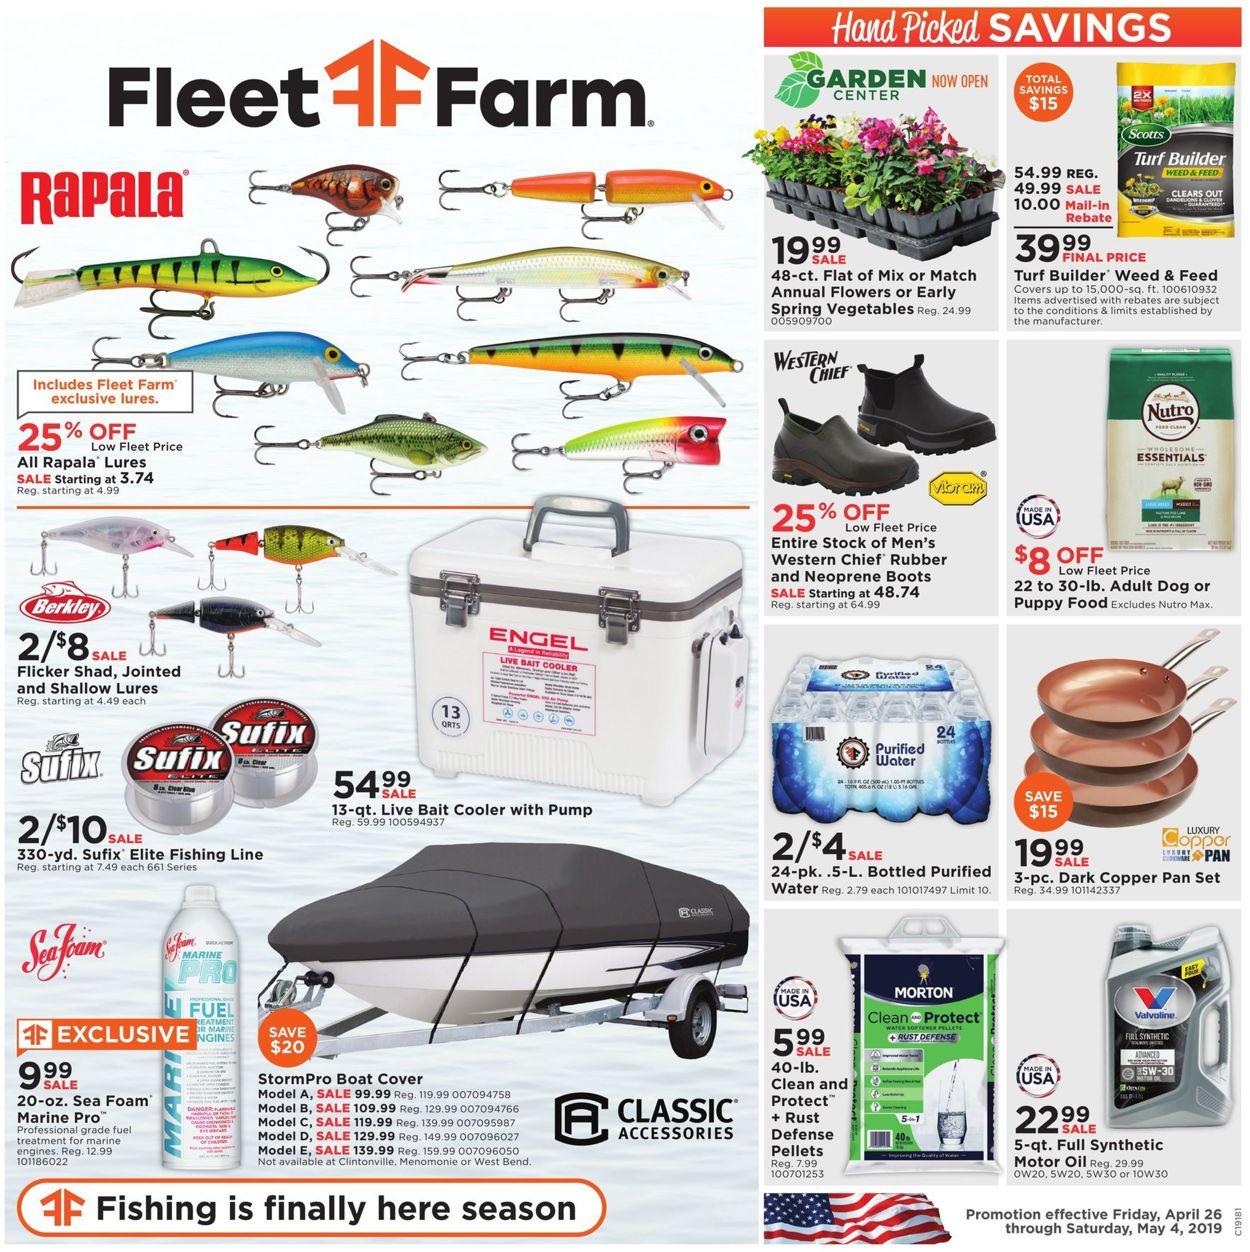 Mills Fleet Farm Current weekly ad 04/26 - 05/04/2019